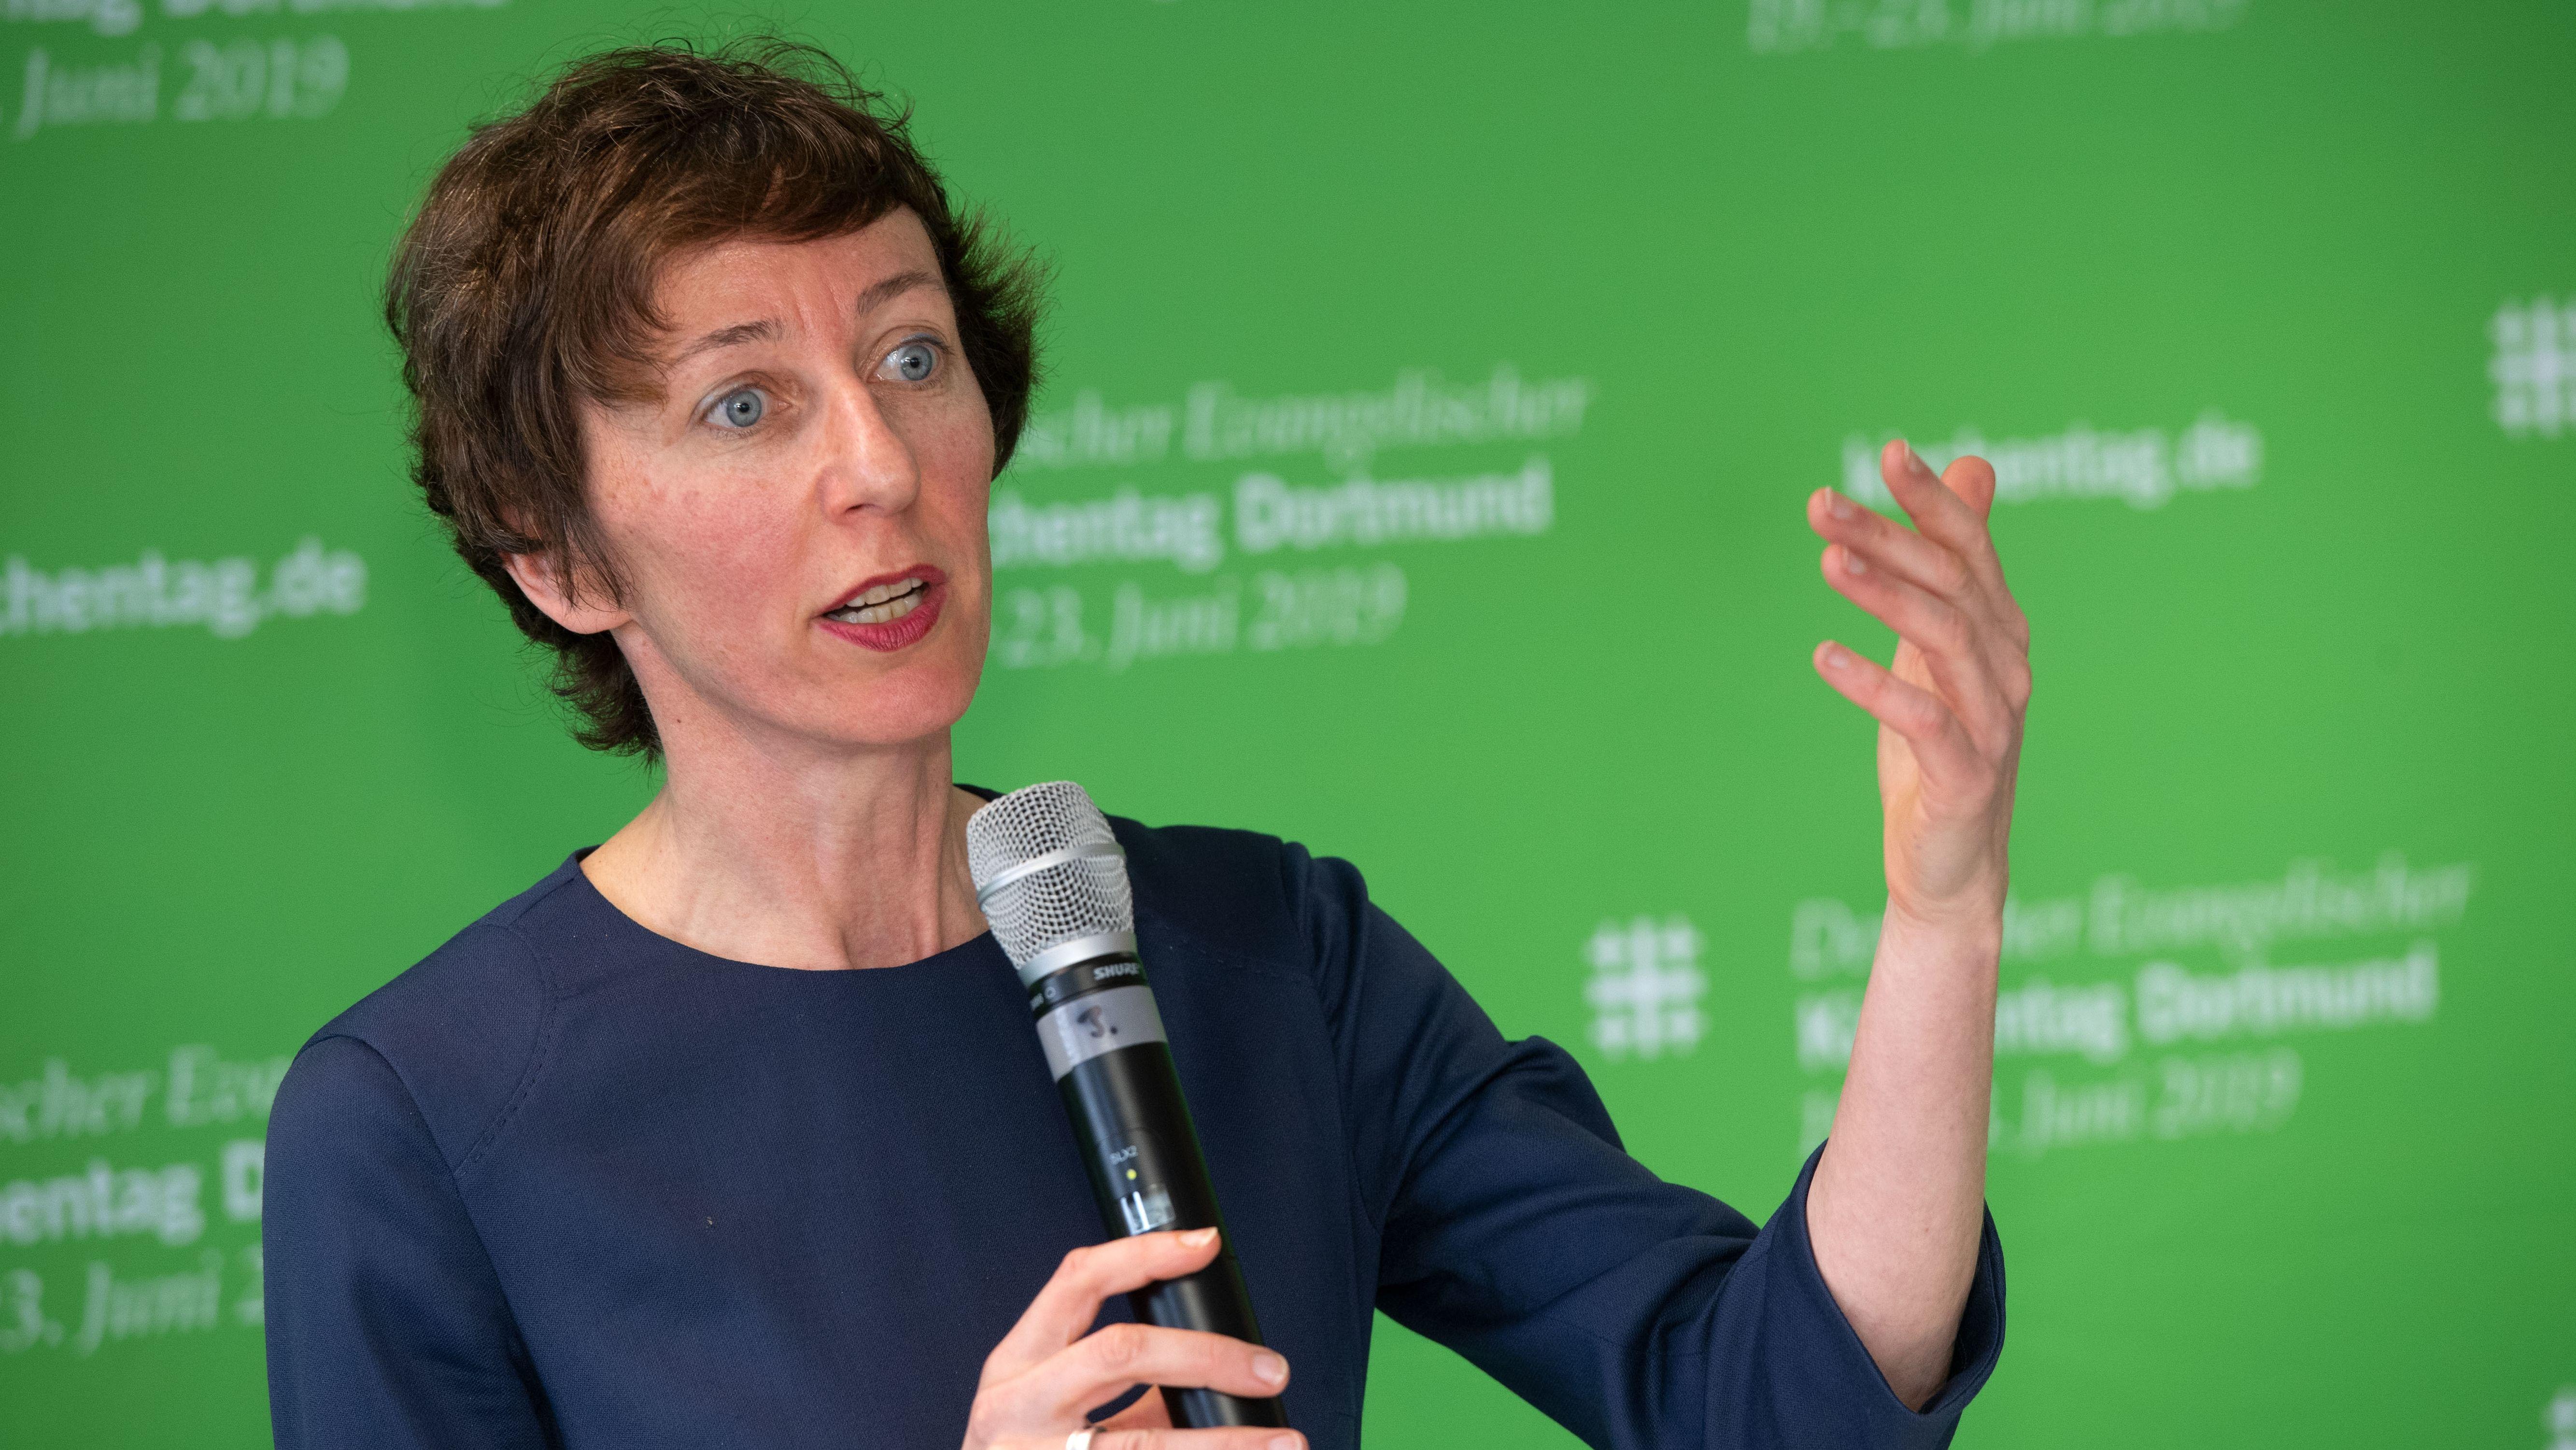 Julia Helmke, Generalsekretärin des Deutschen Evangelischer Kirchentages, spricht bei einer Pressekonferenz